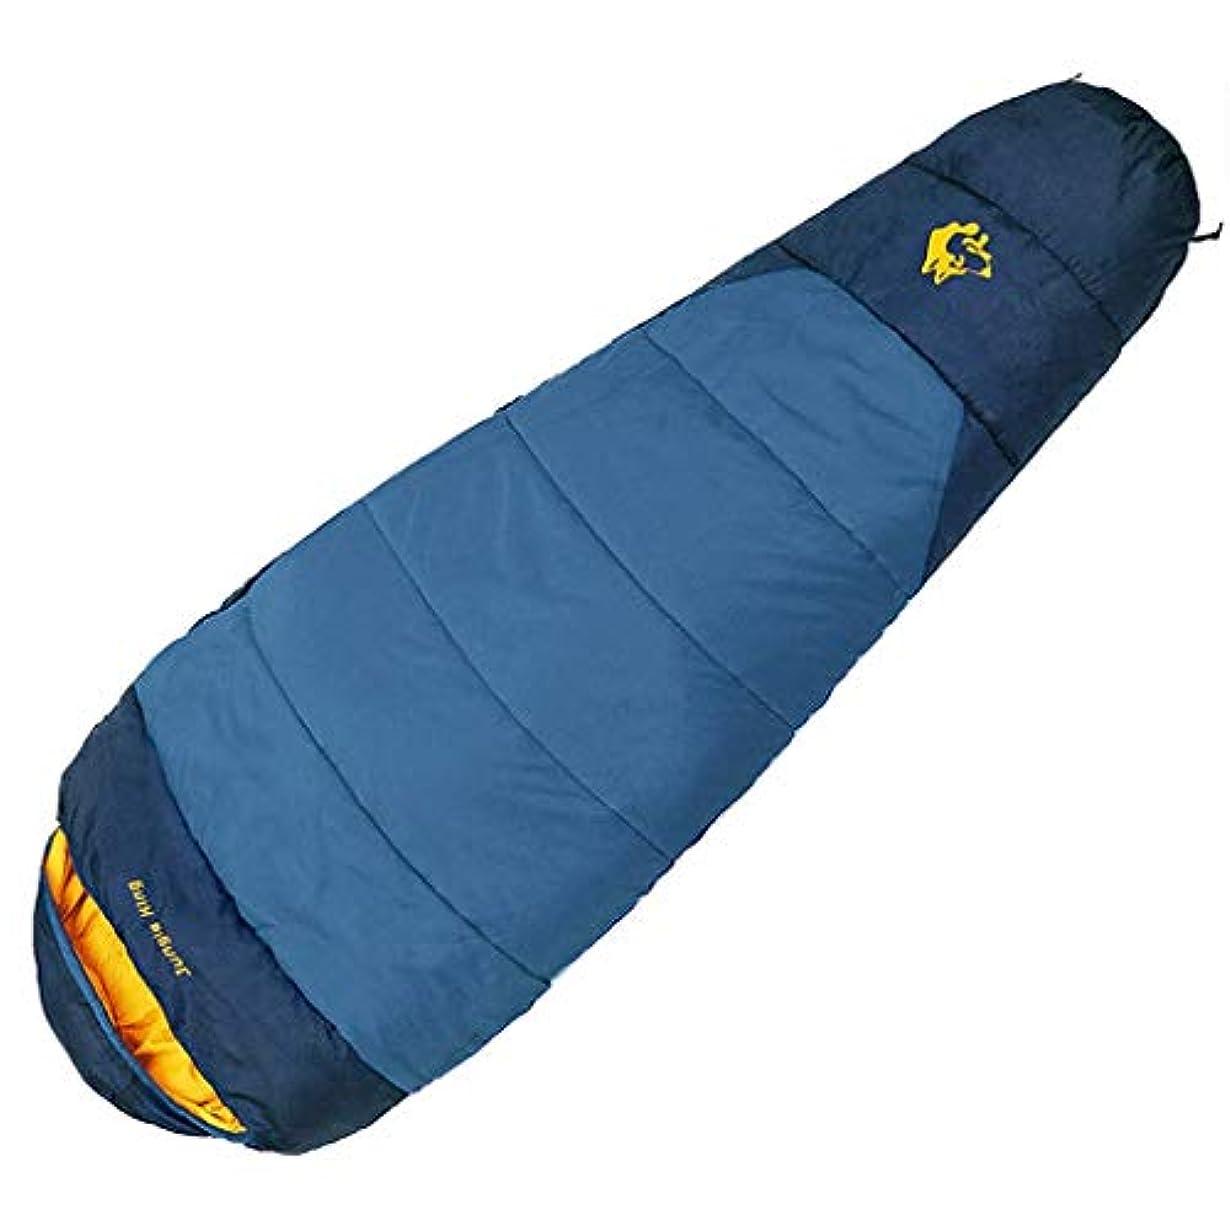 仮定、想定。推測育成ミットミイラキャンプの寝袋大人の防水ライト暖かい3-4シーズン寝台用旅行ハイキング屋内野外活動青黒オレンジ (色 : 青)